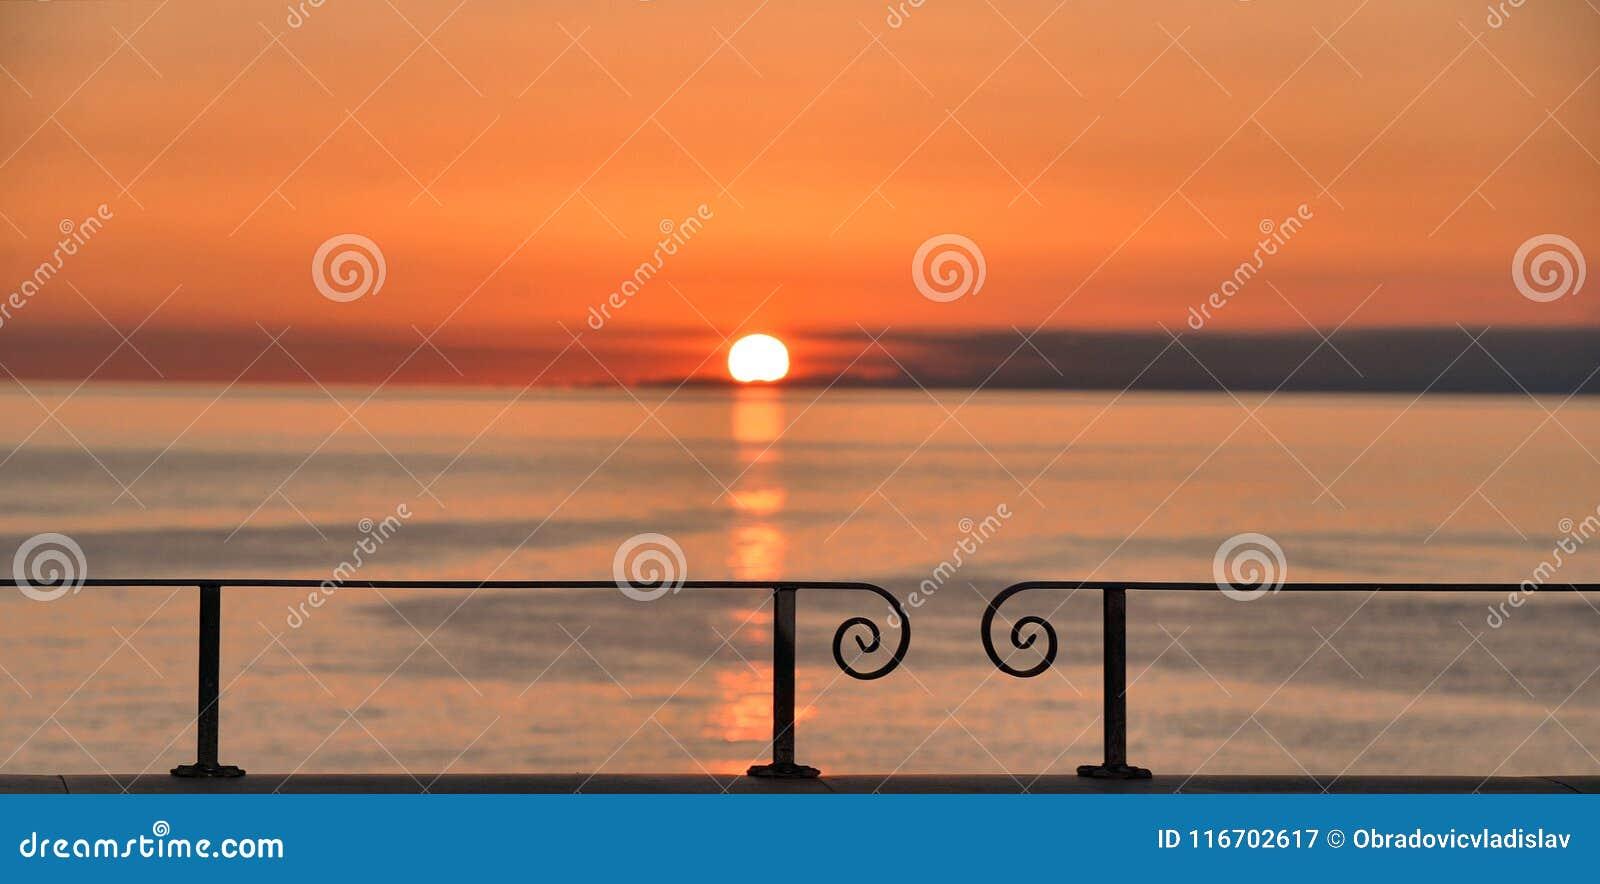 Το ζωηρόχρωμο θερμό πορτοκαλί ηλιοβασίλεμα στη θάλασσα Mediteranian κοίταξε από το σταθμό τρένου σε Manarola, Cinque Terre στη Λι